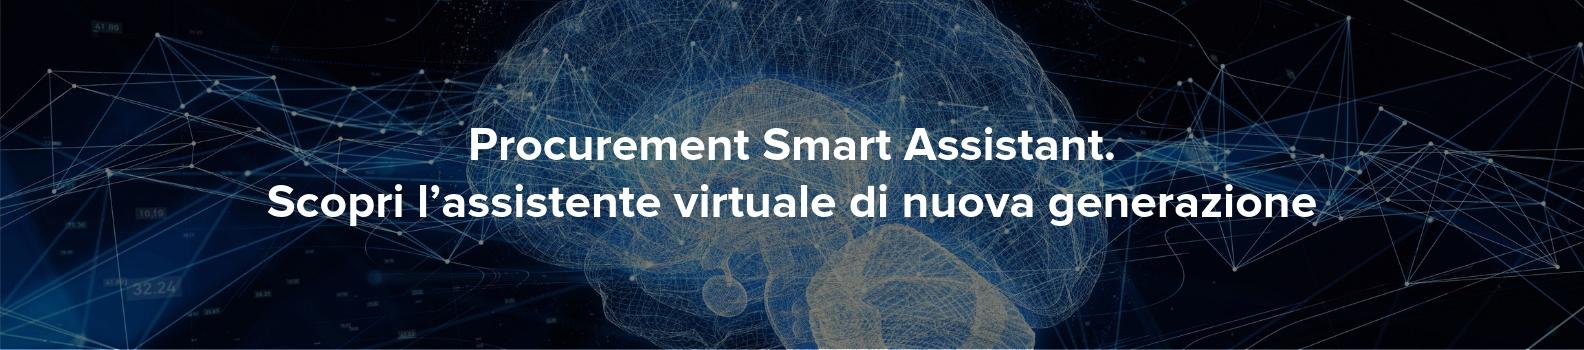 Procurement Smart Assistant: assistente virtuale di nuova generazione